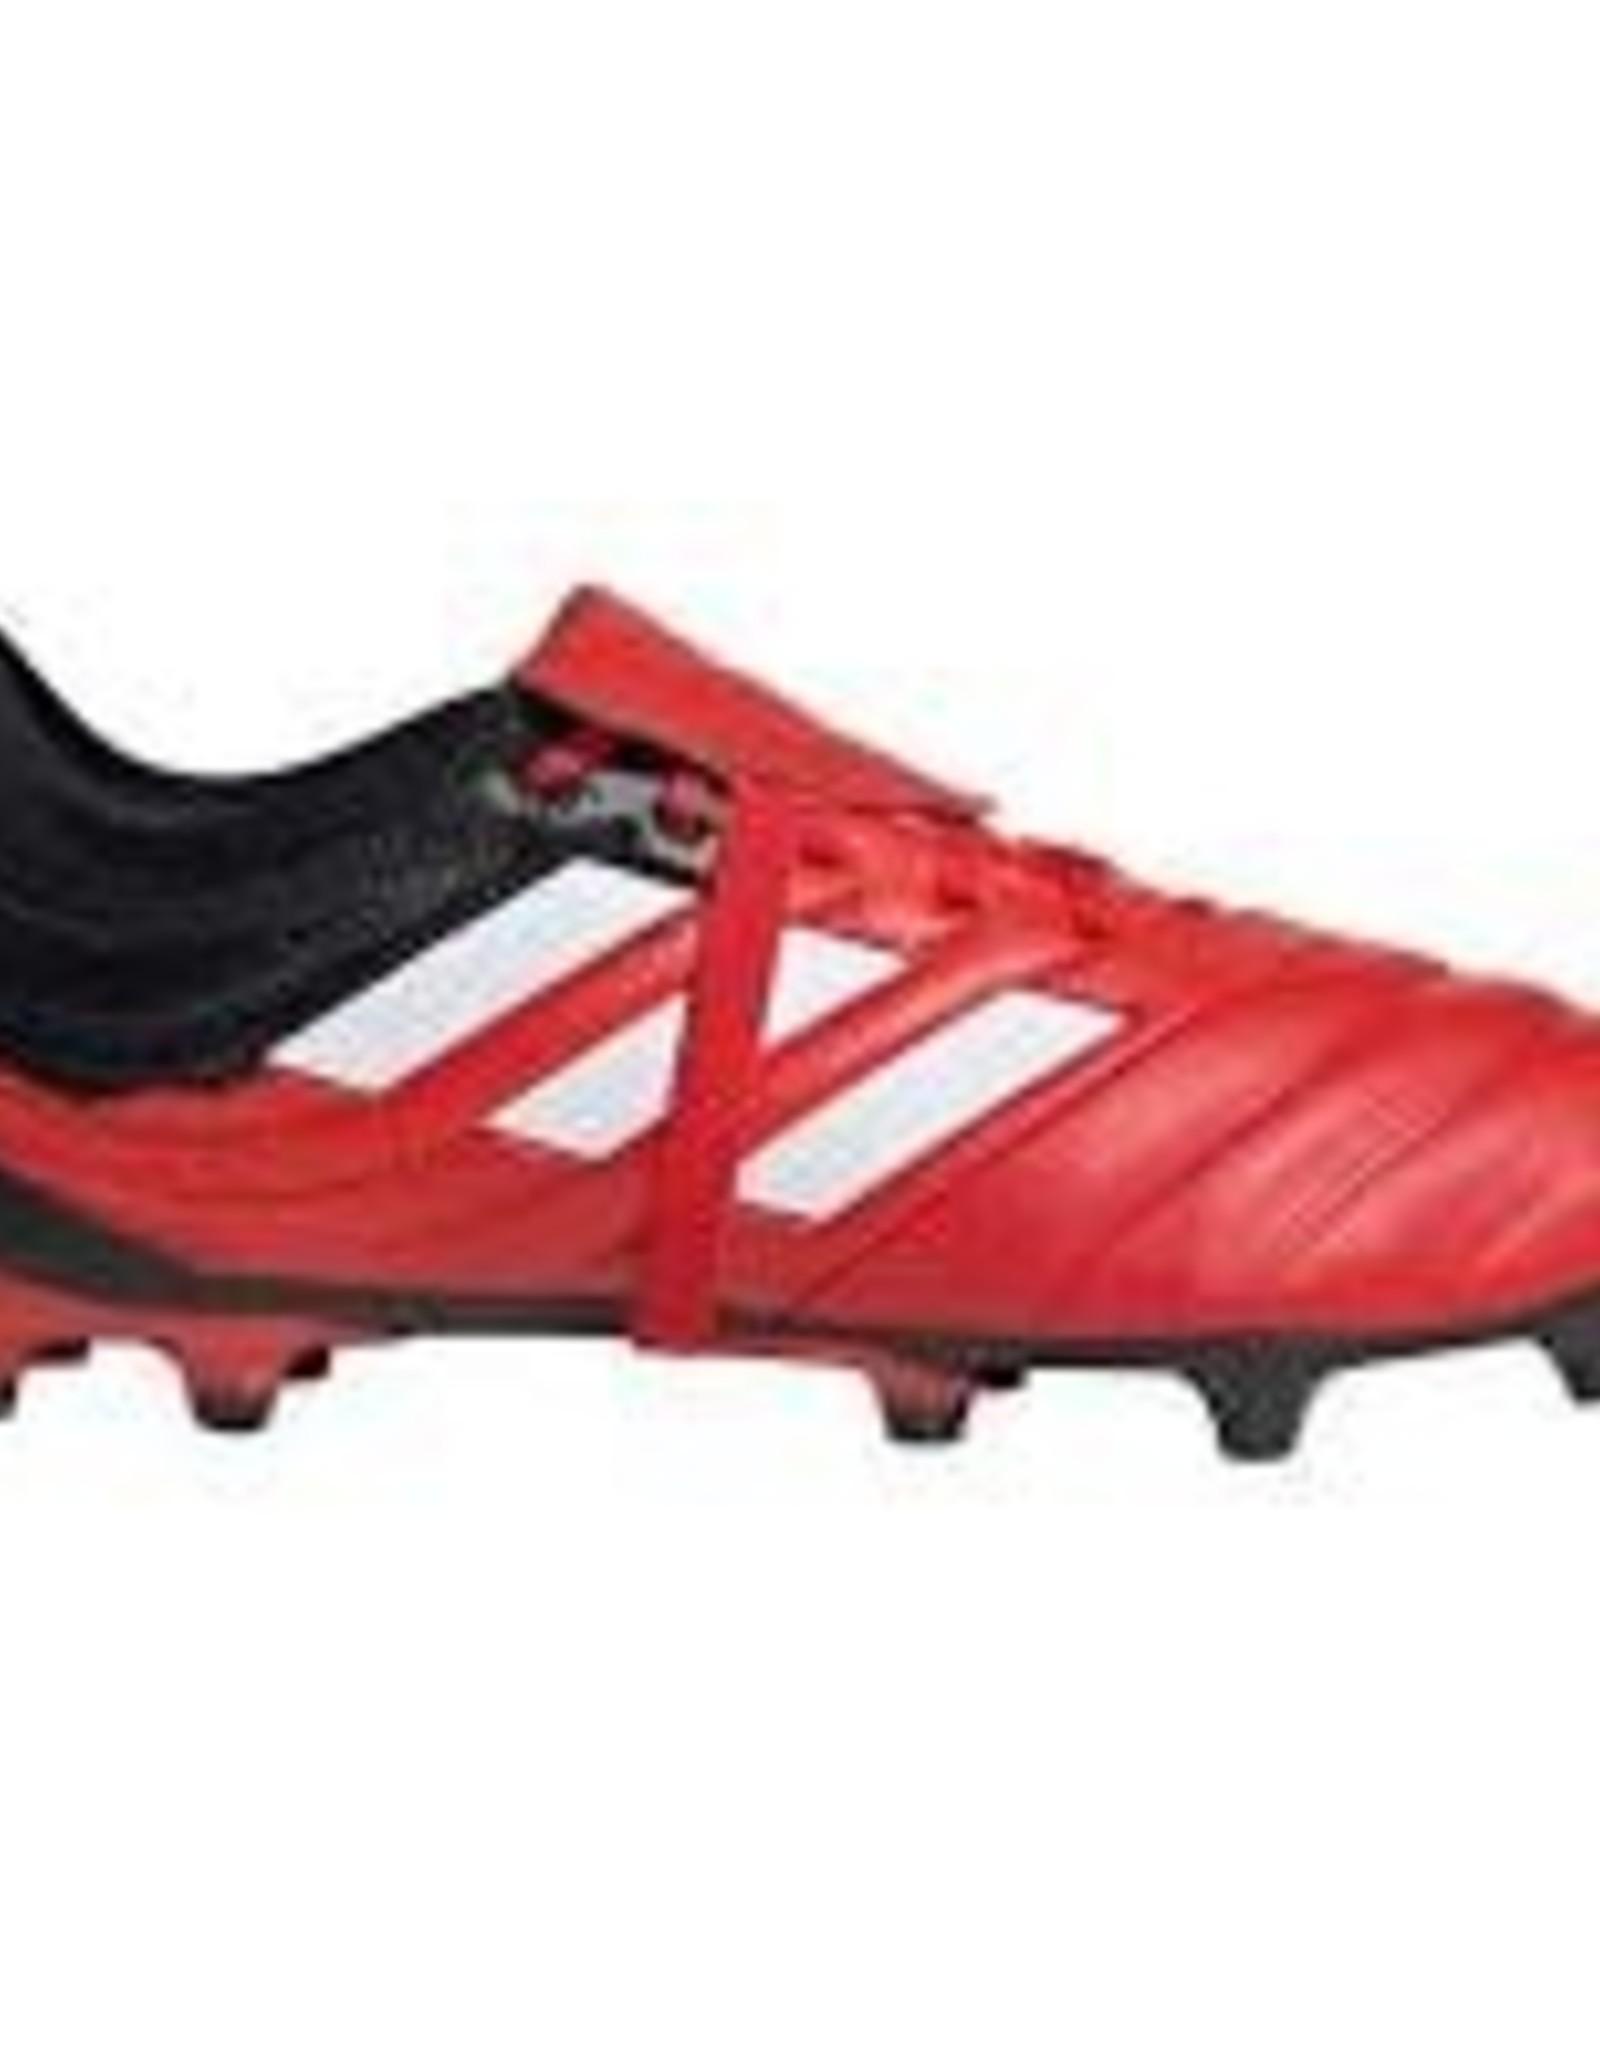 Adidas adidas copa gloro 20.2 fg